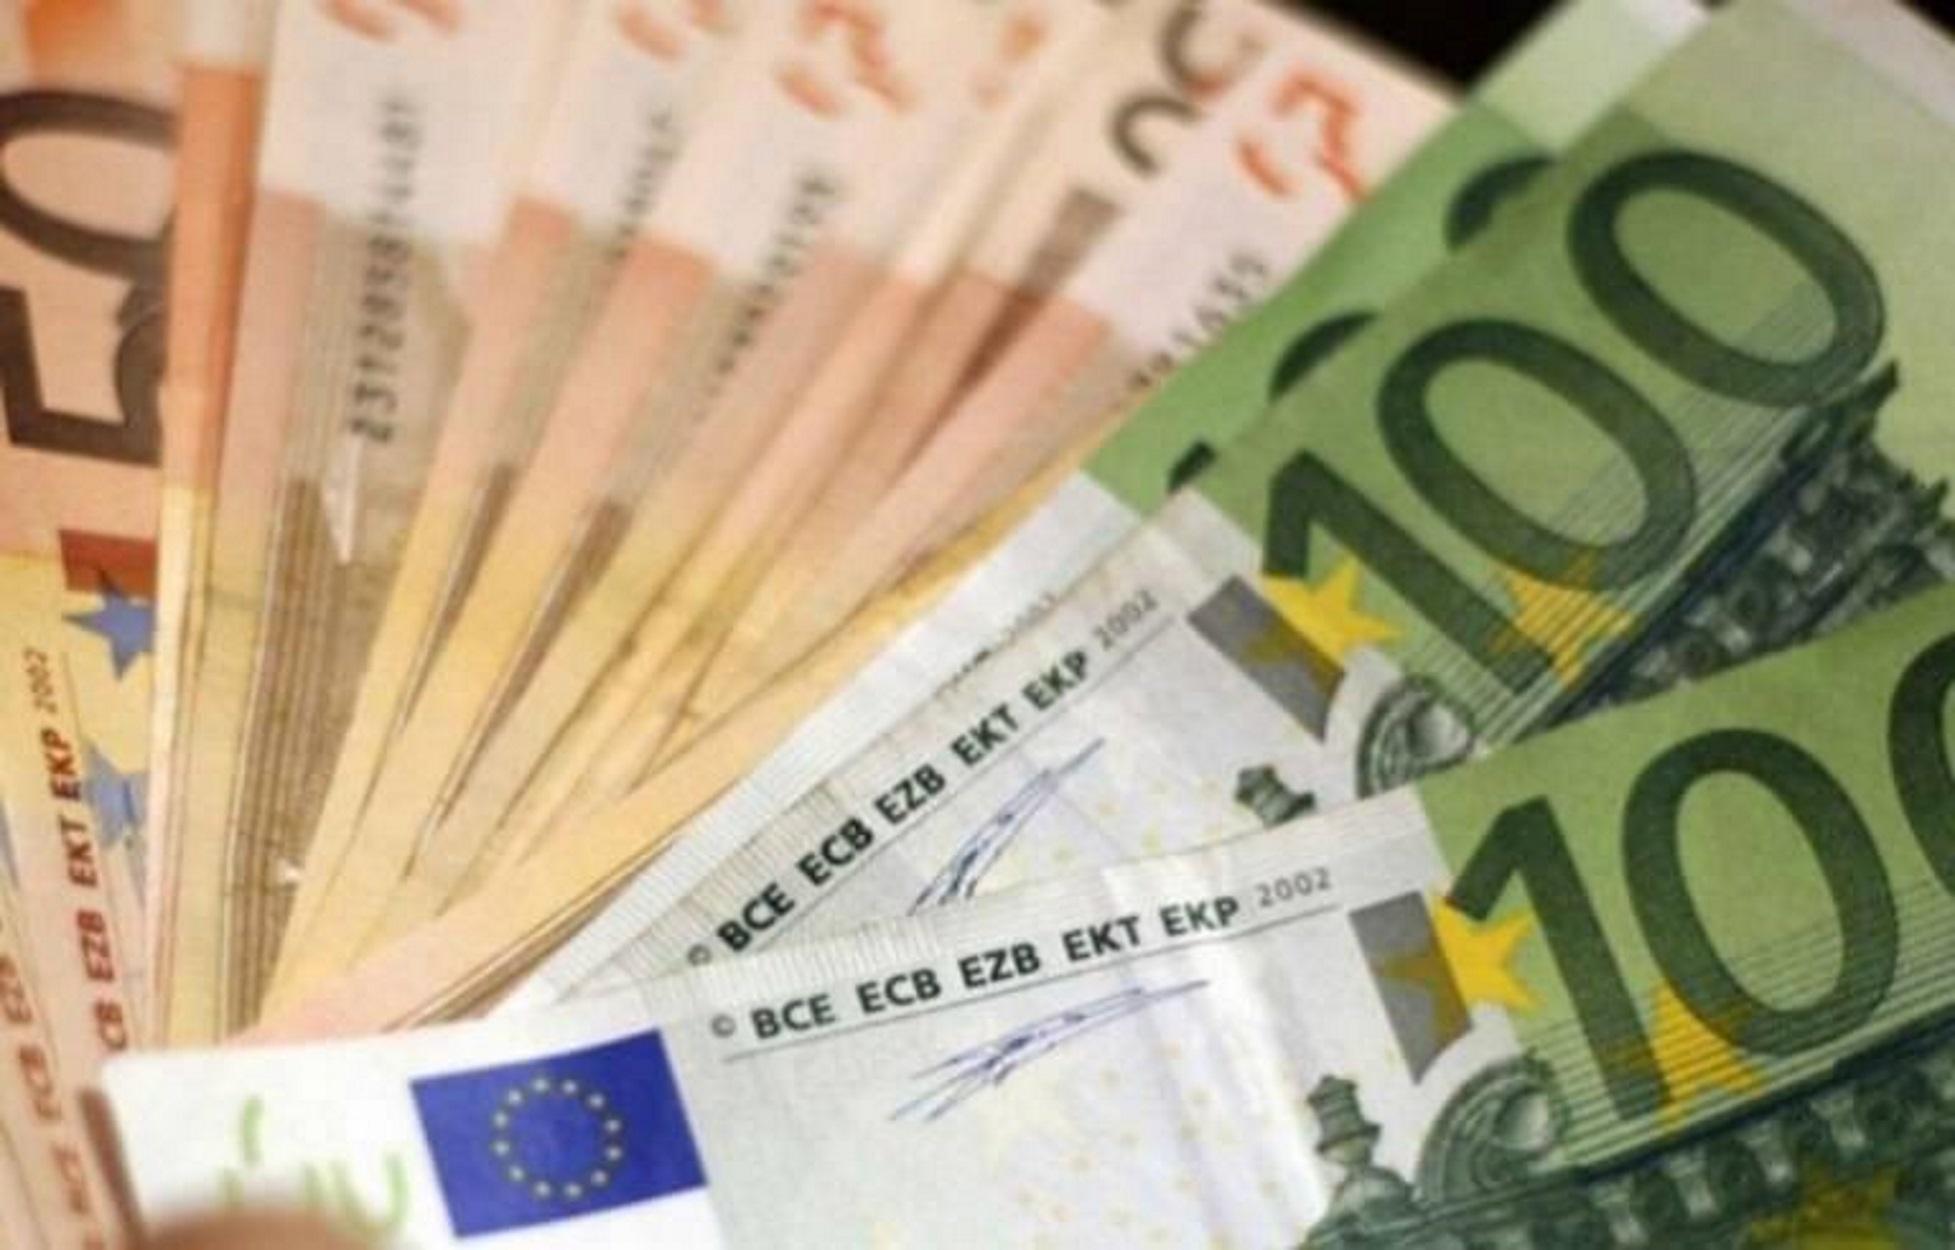 Πάνω από 1 δισ. ευρώ αυξήθηκαν οι καταθέσεις τον Αύγουστο